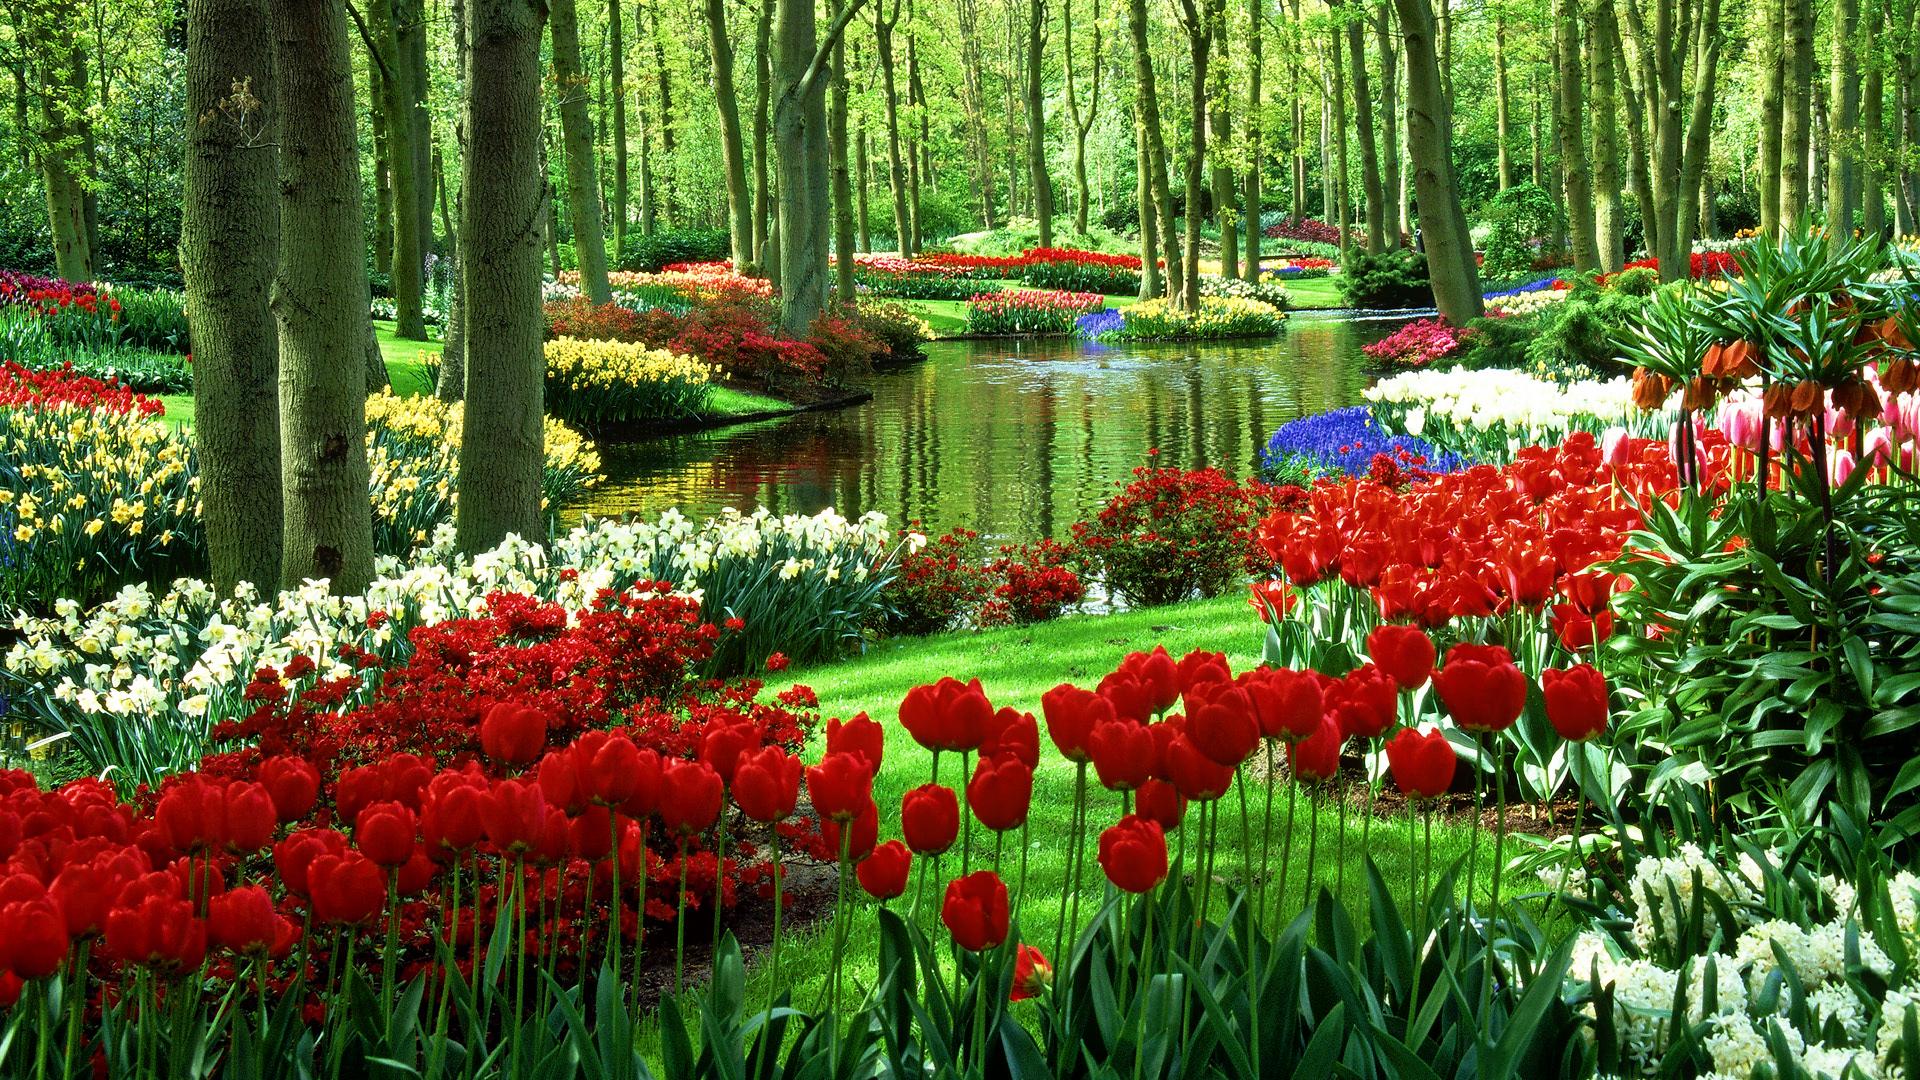 Related Wallpapers: Garden